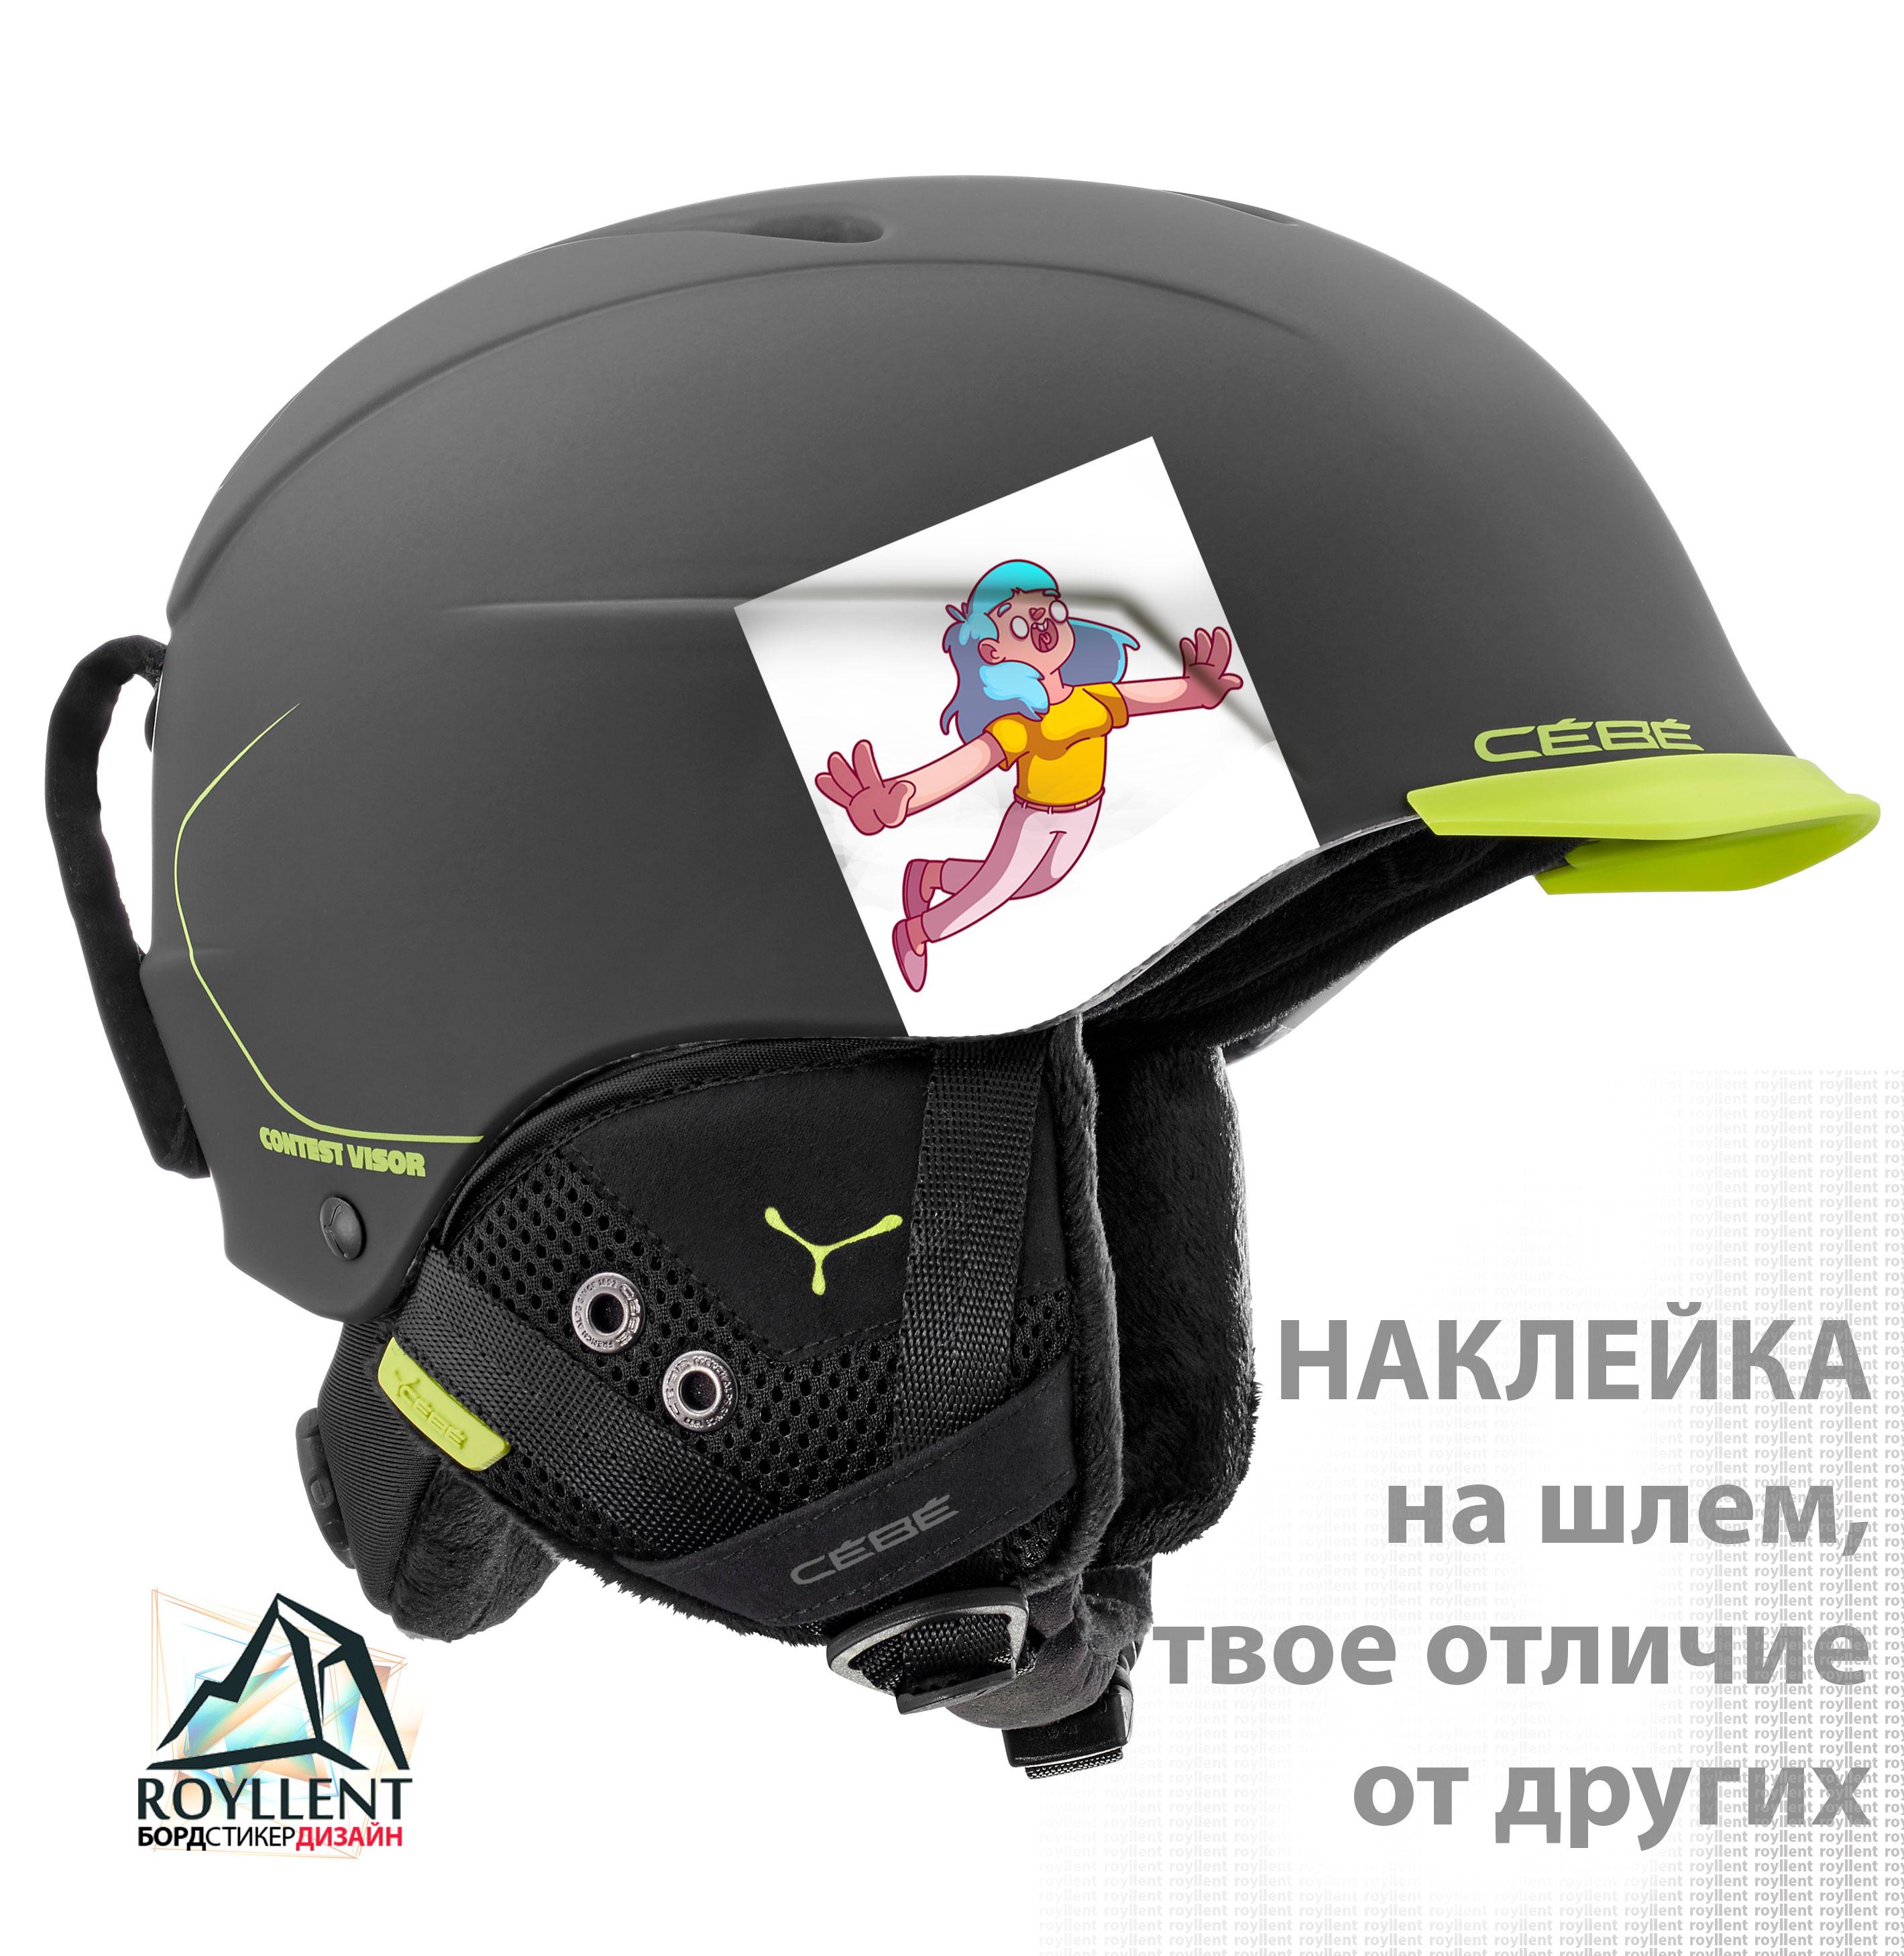 сноуборд наклейка на шлем